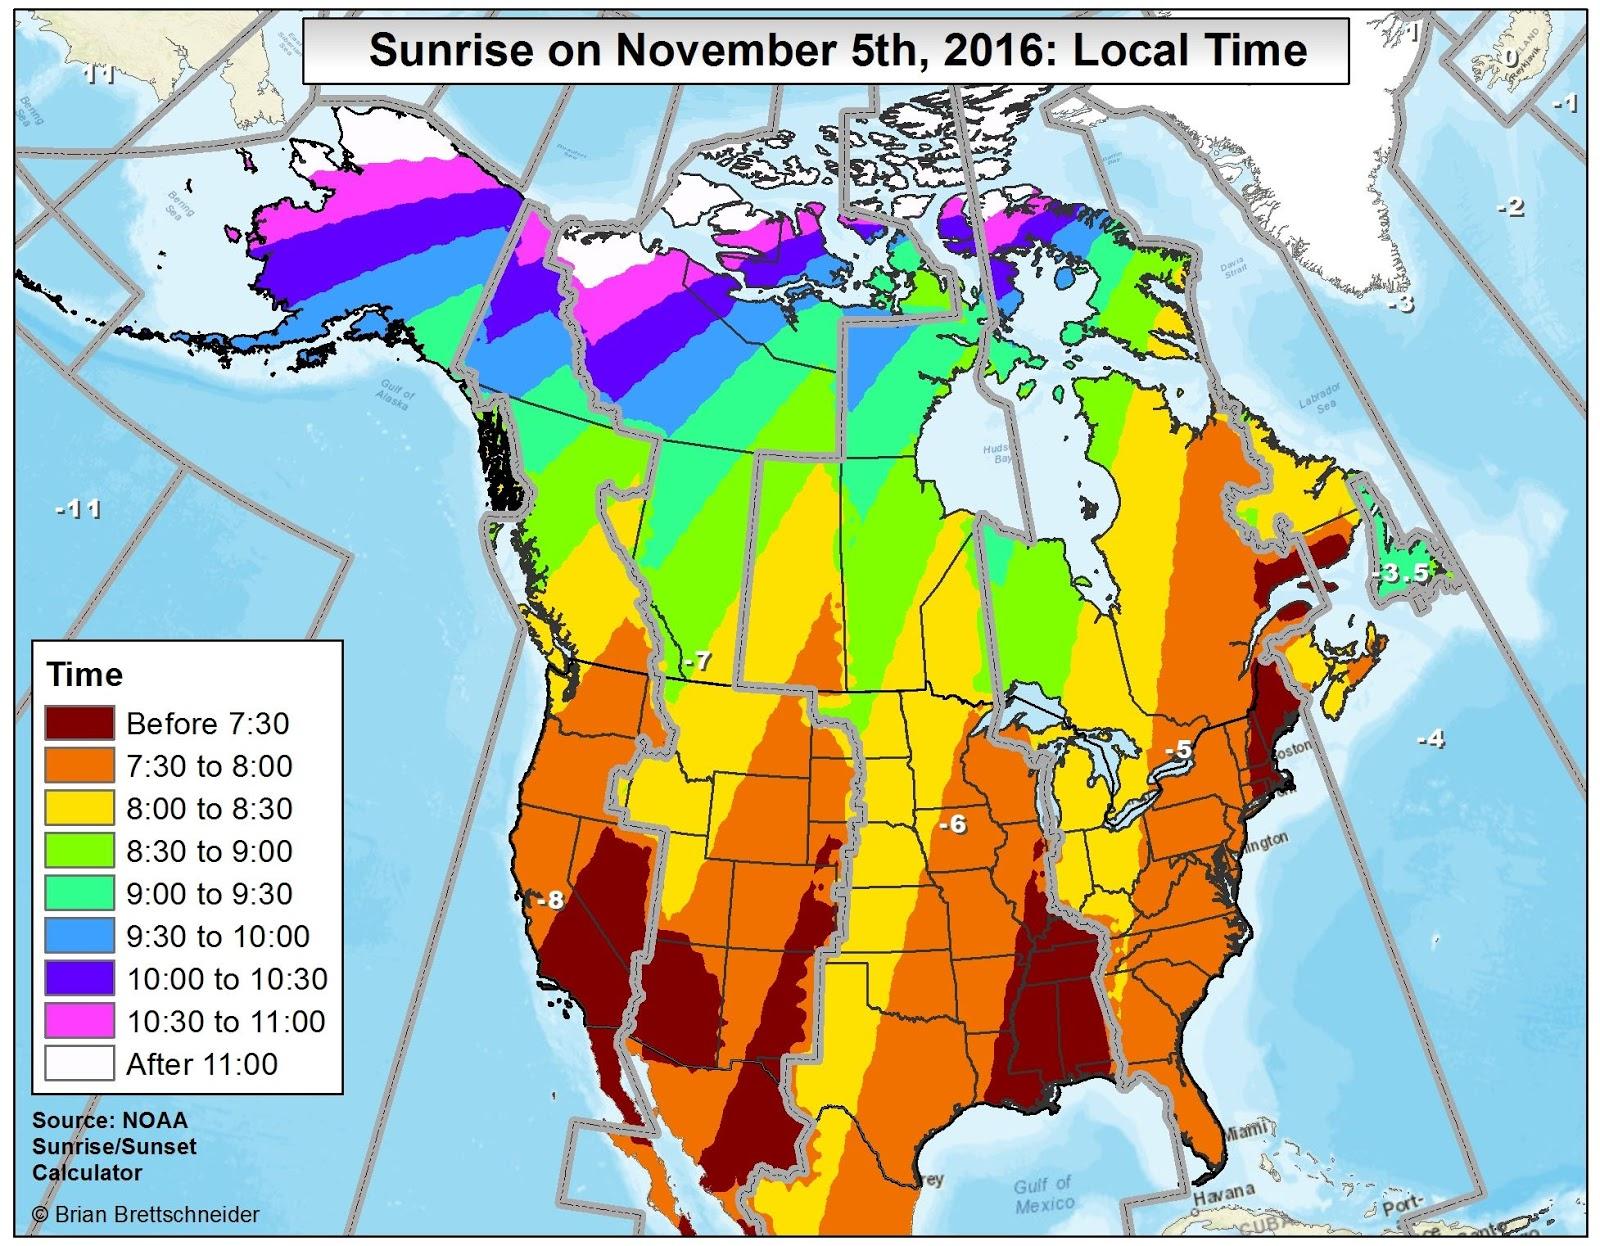 November 5, latest sunrise of the year